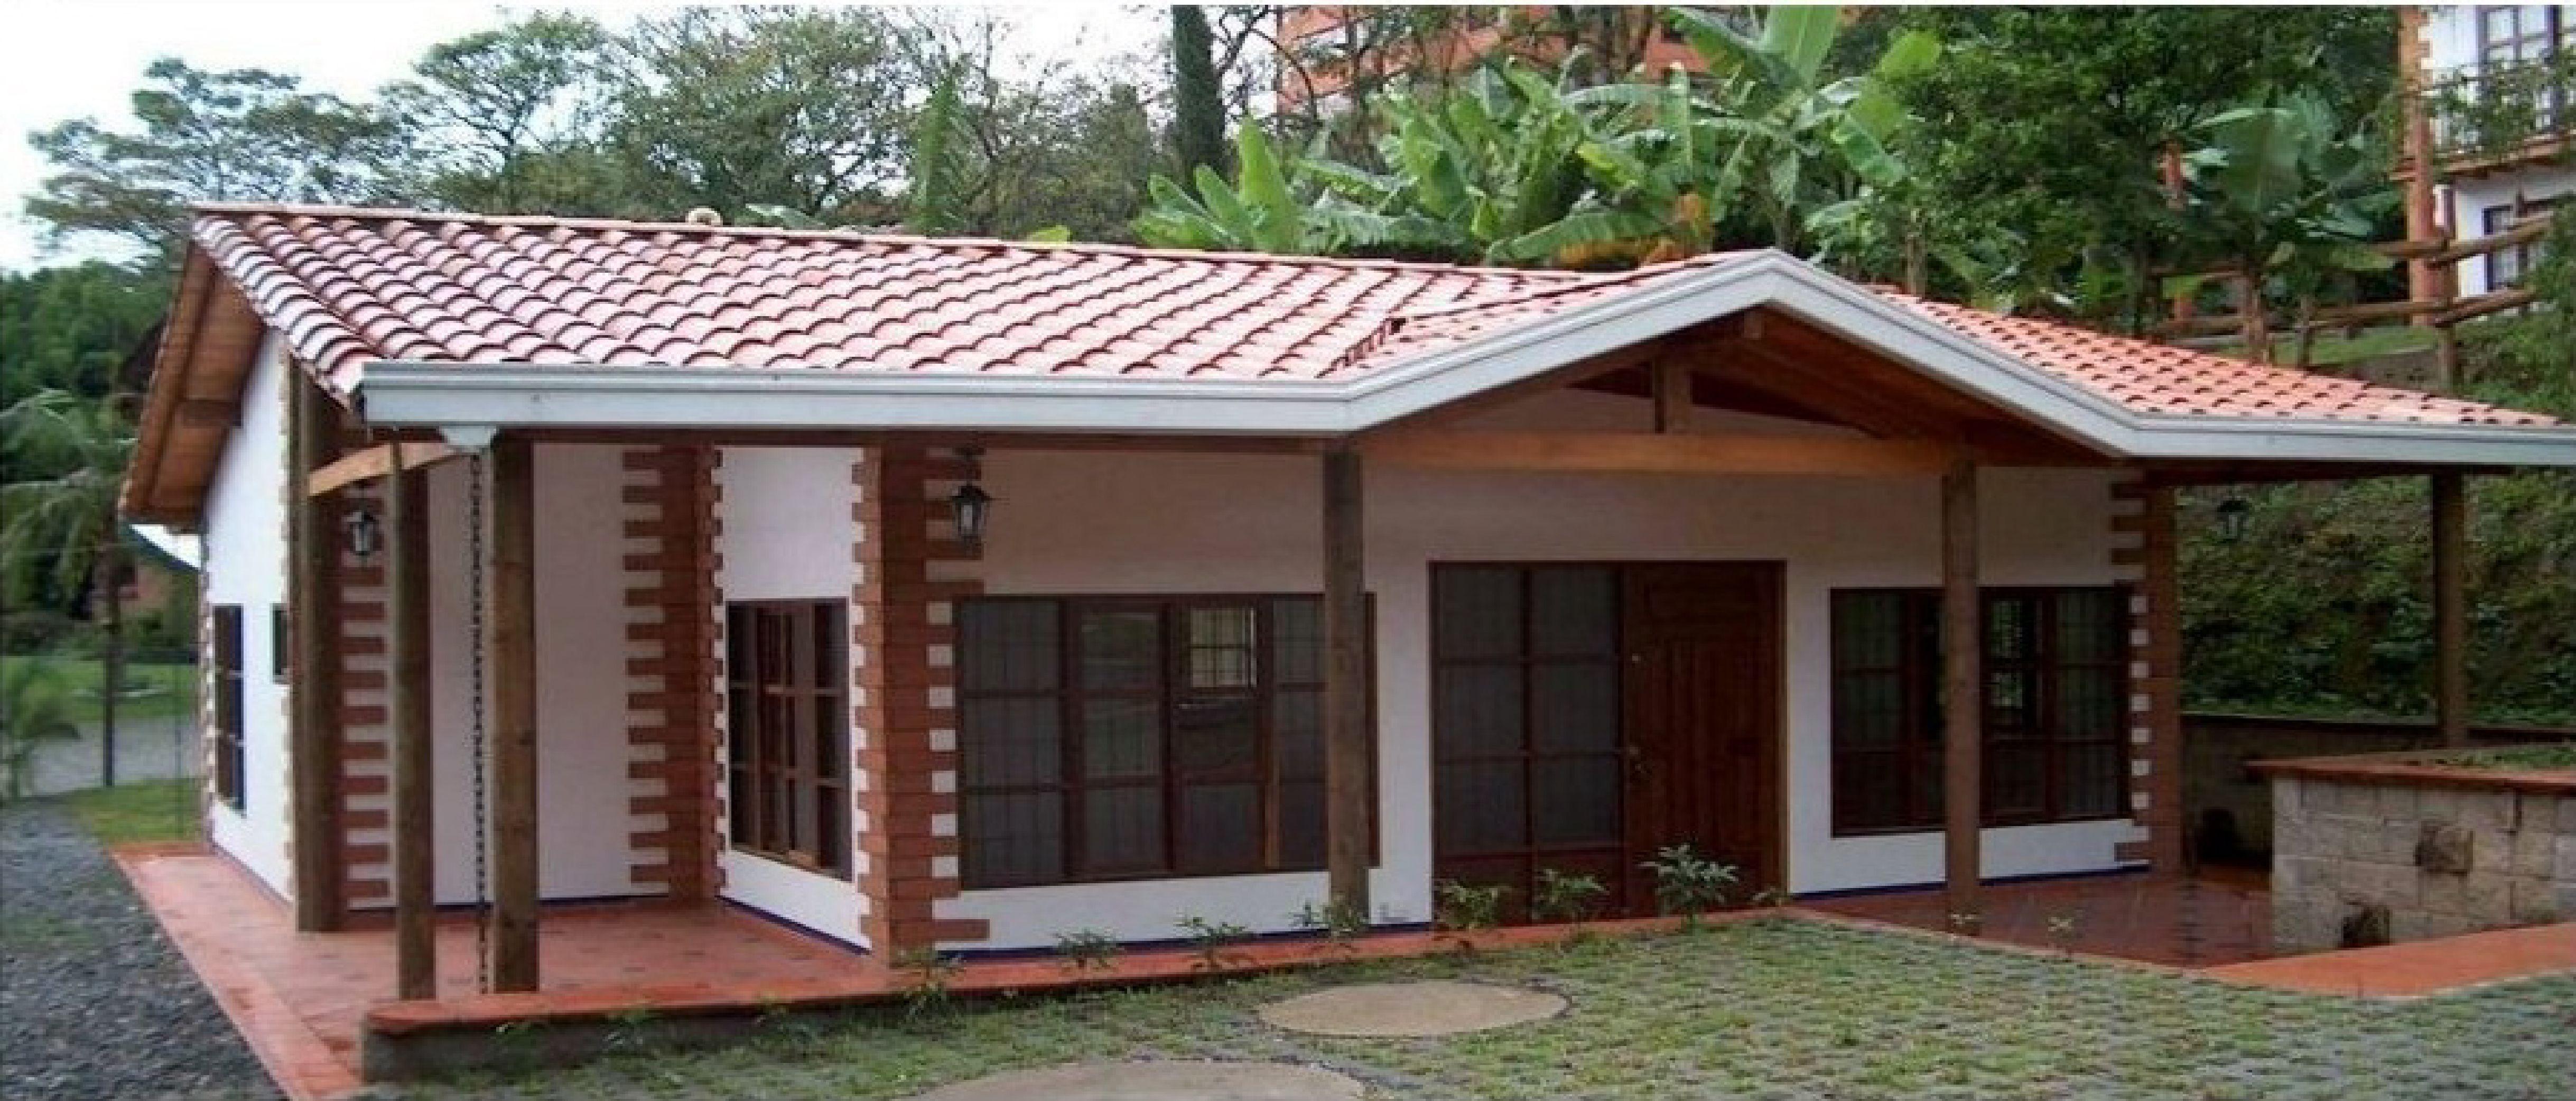 Resultado de imagen para casas prefabricadas medellin tipo for Casas de campo prefabricadas